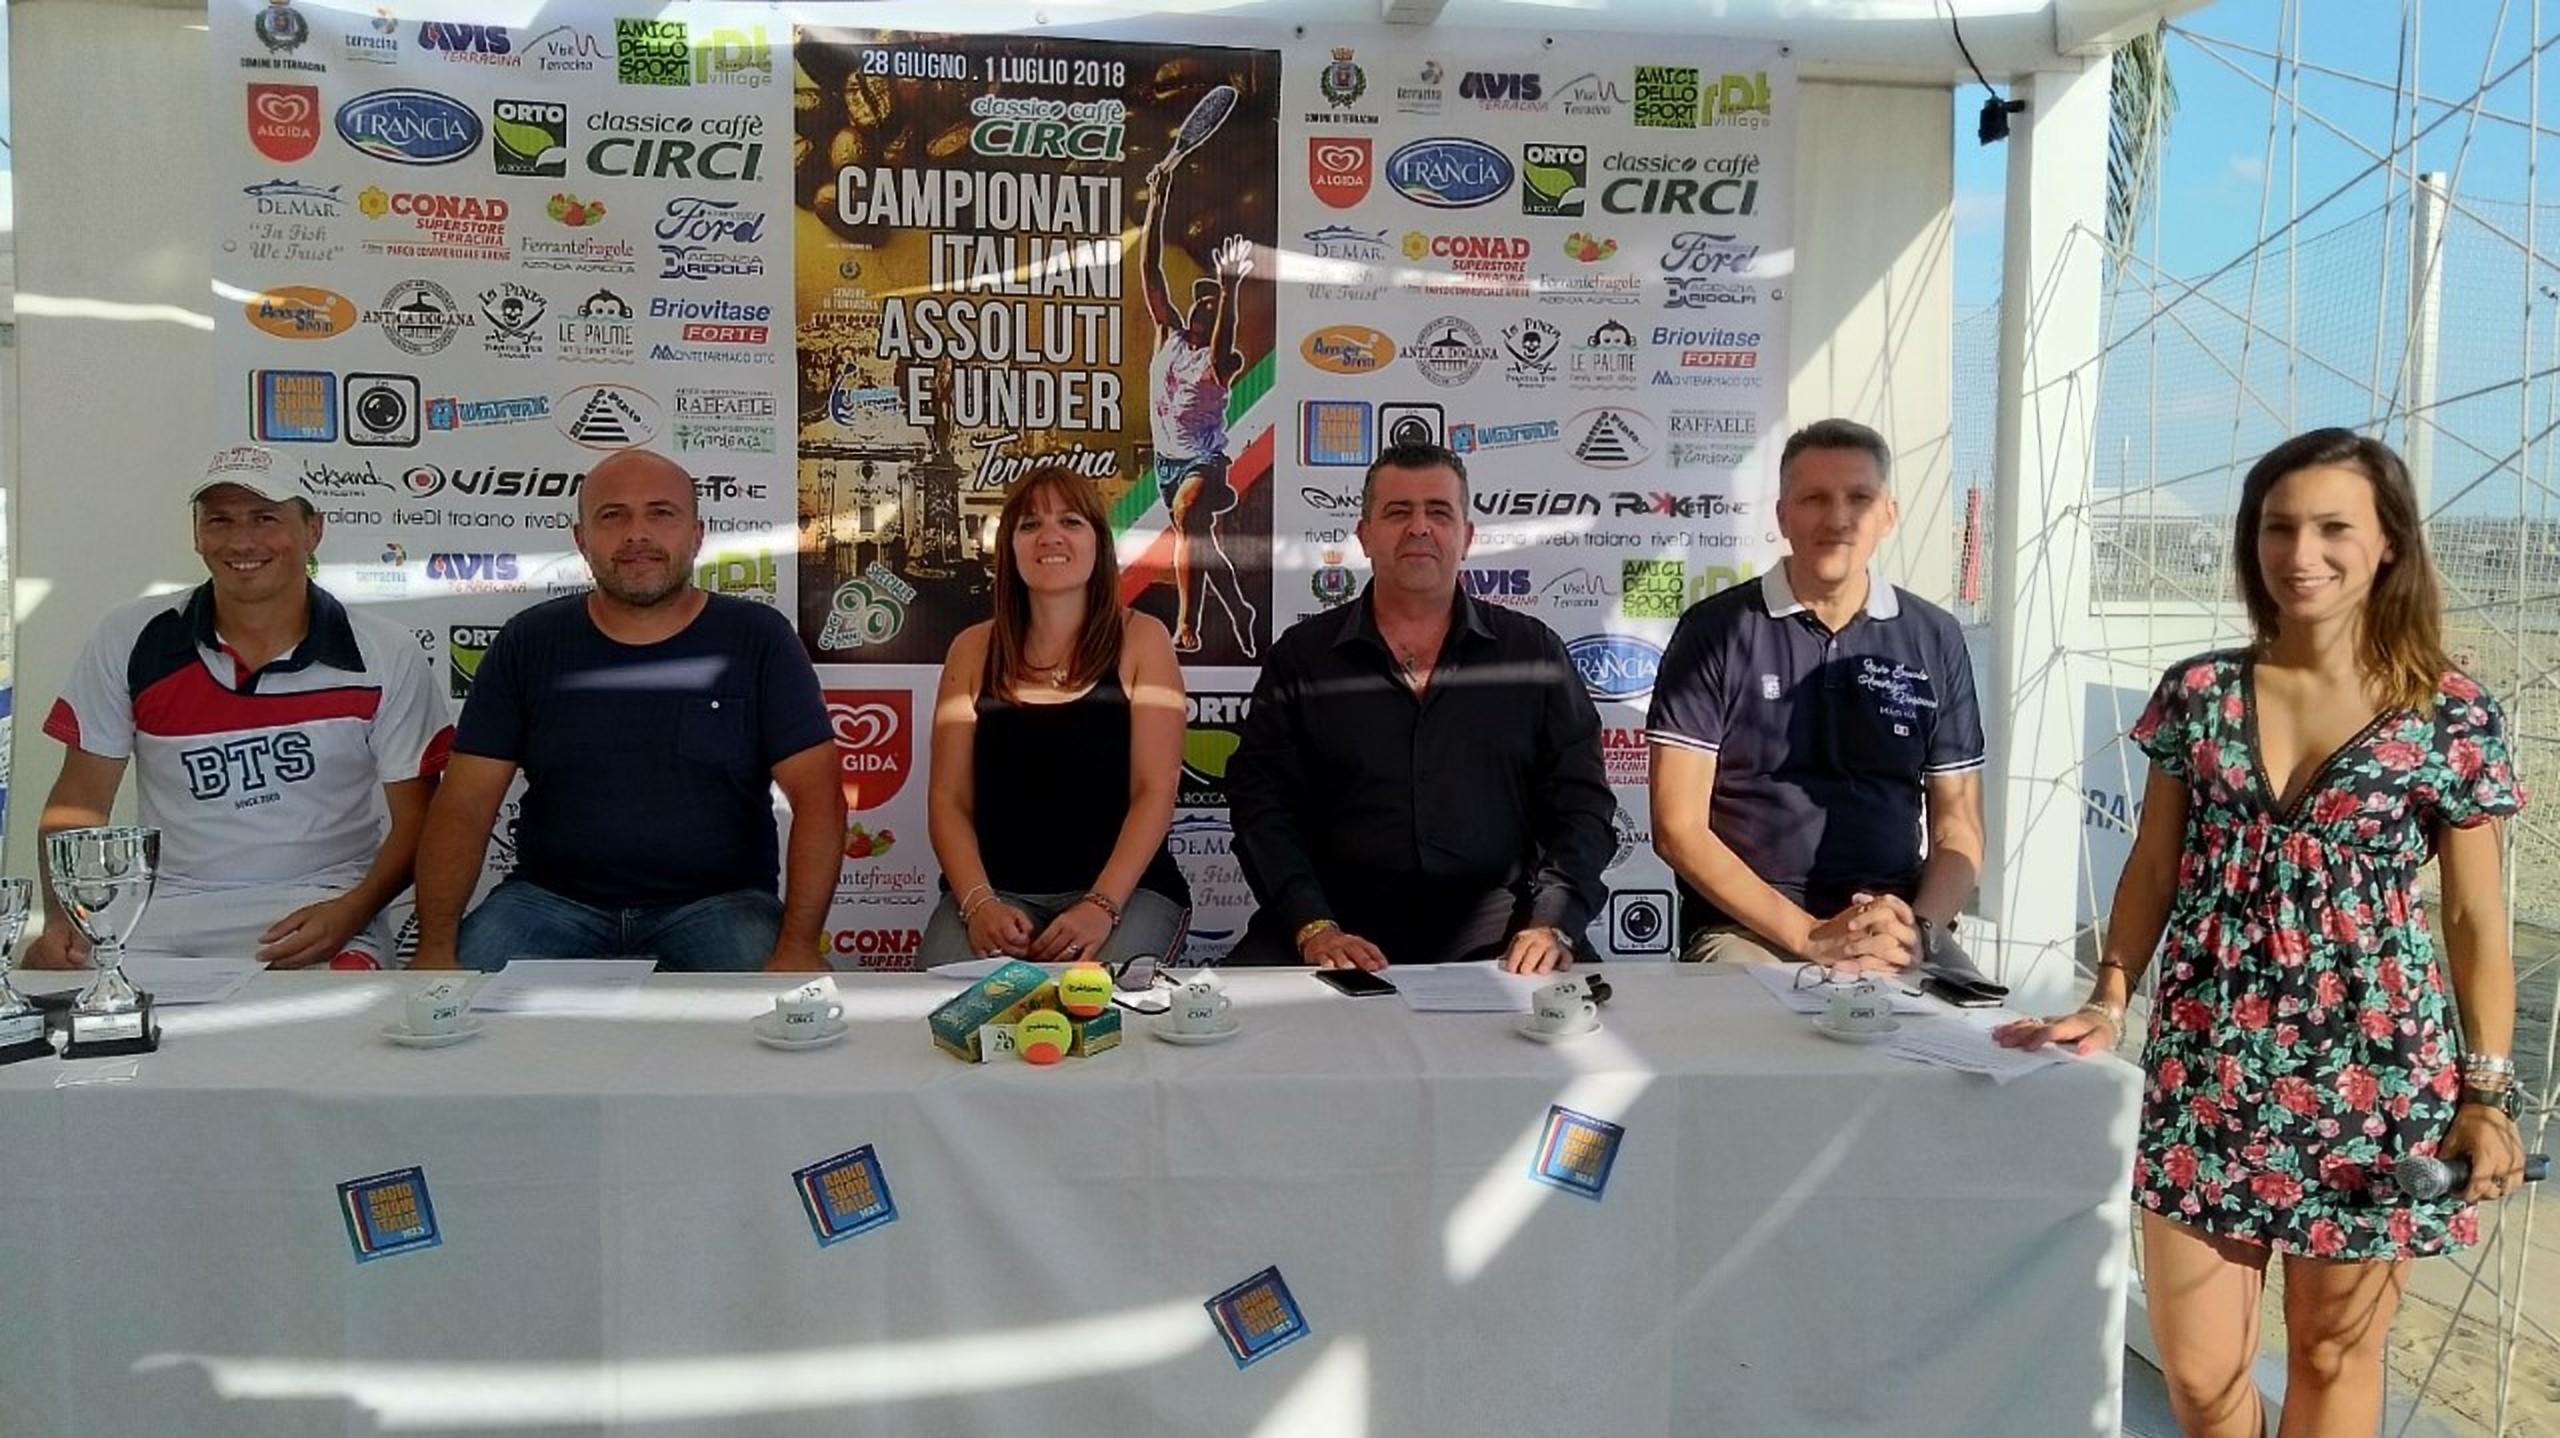 campionati-italiani-di-beach-tennis-oggi-la-giornata-inaugurale